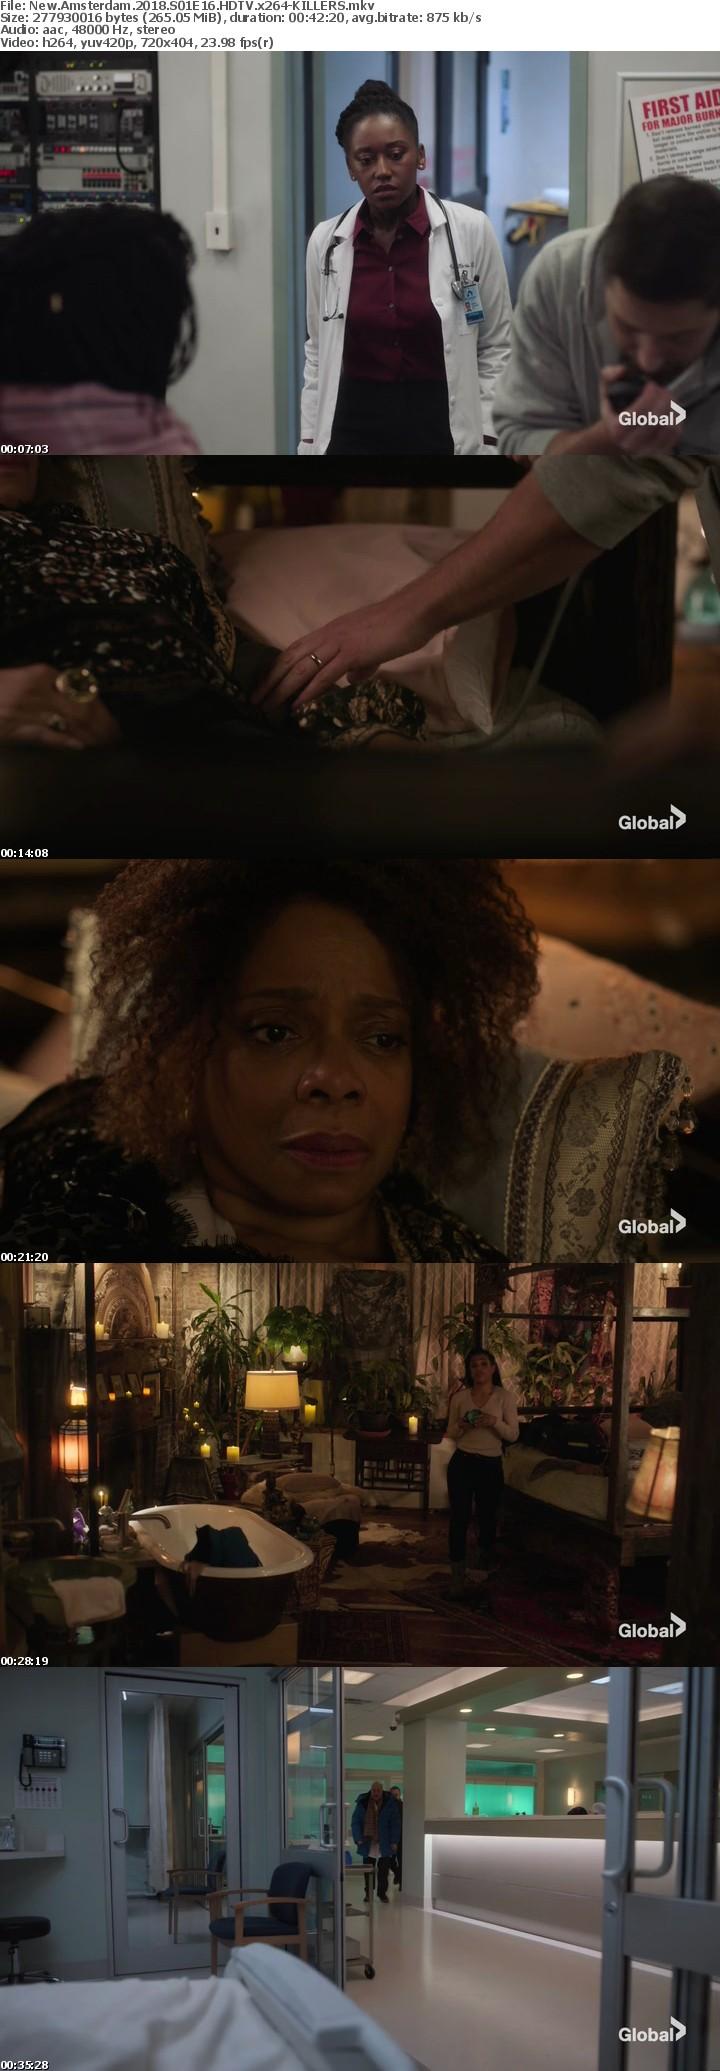 New Amsterdam 2018 S01E16 HDTV x264-KILLERS